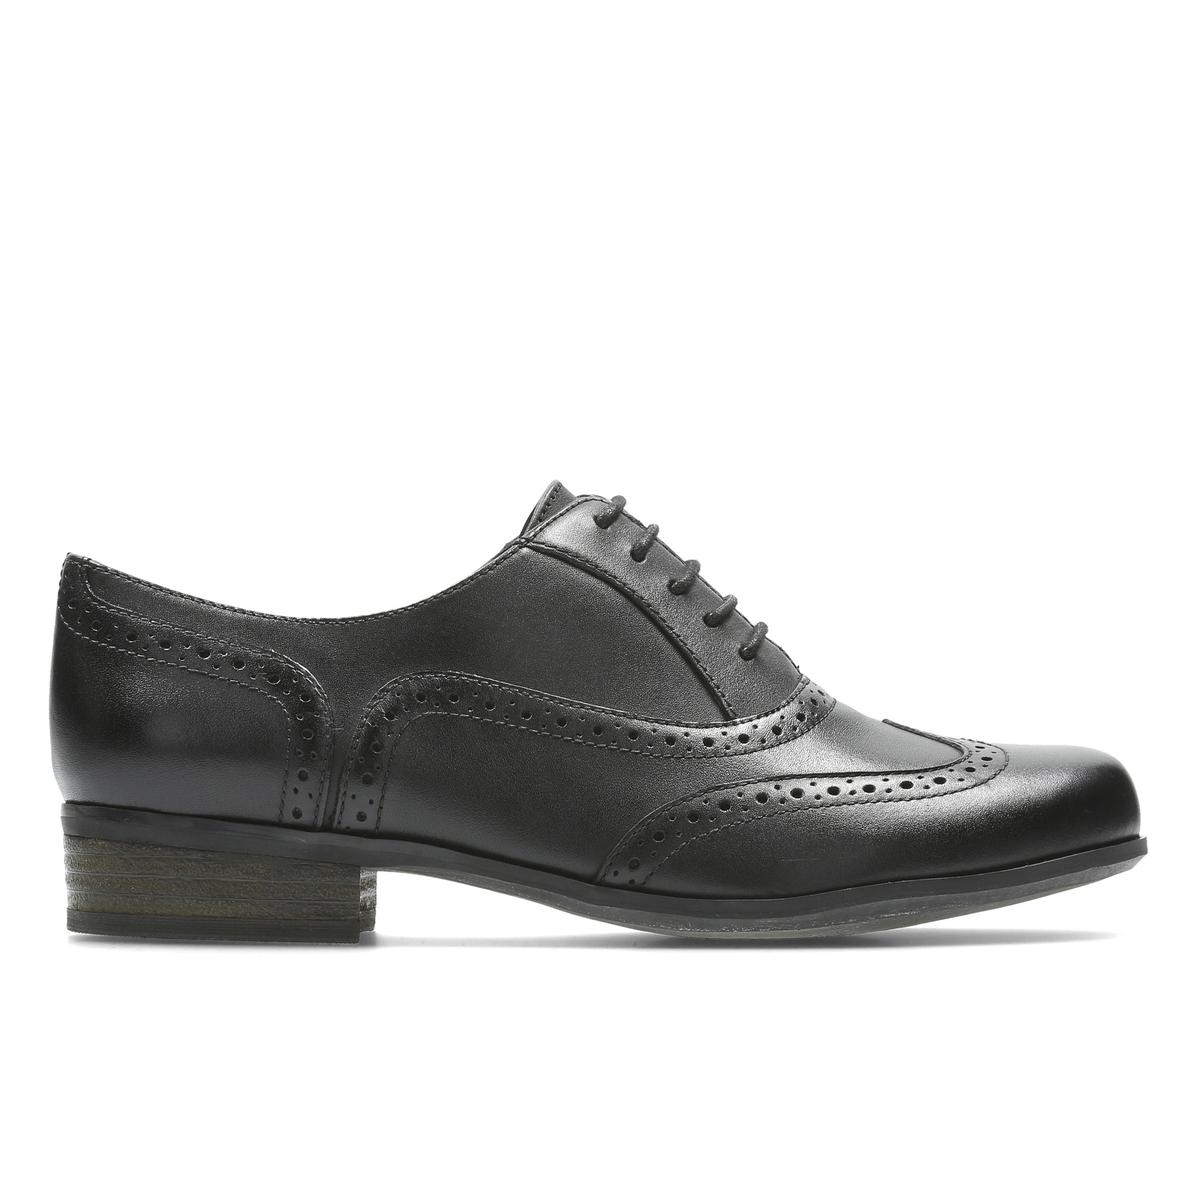 Ботинки-дерби с перфорированным мыском Hamble Oak ботинки дерби clarks stafford park5 page 8